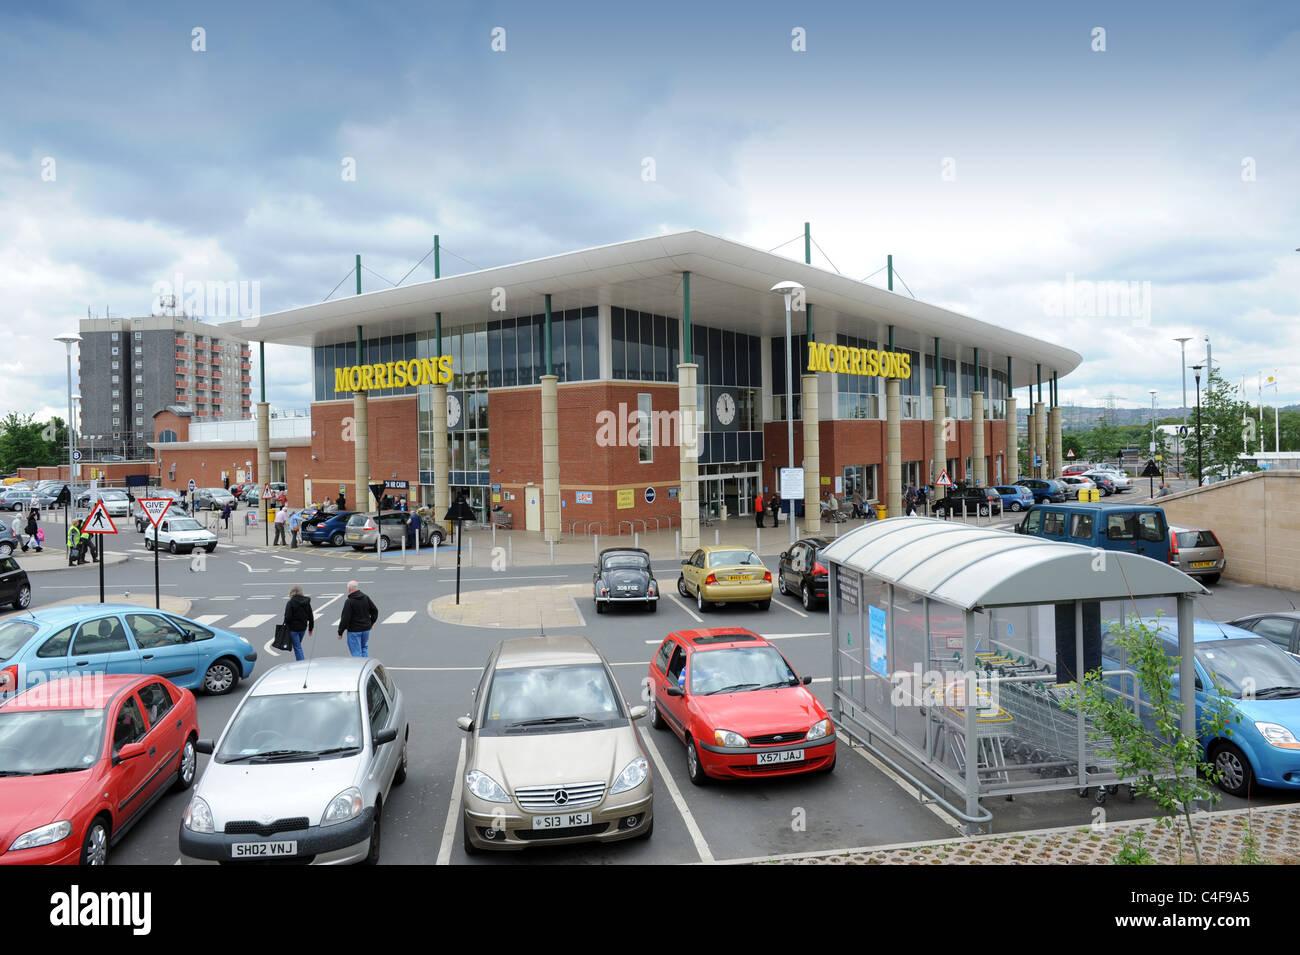 Wednesbury Morrisons Supermarket West Midlands England Uk - Stock Image